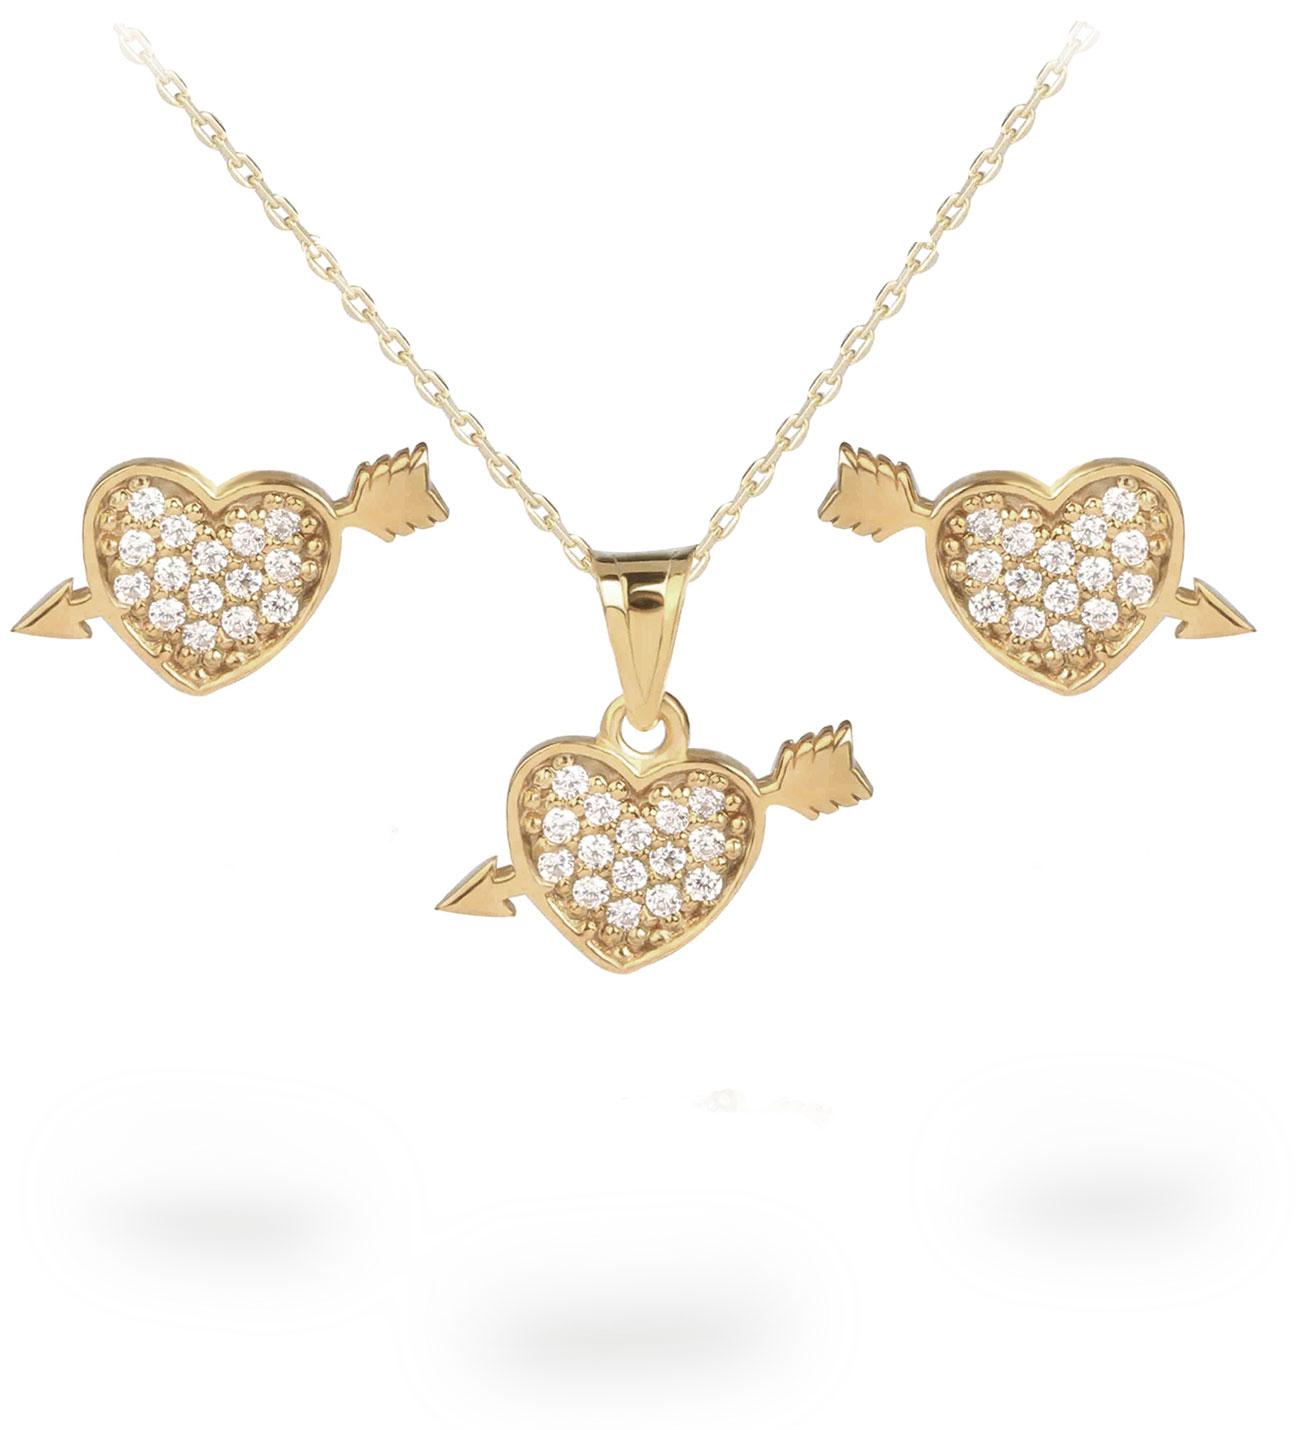 Gemmed Heart Pendant Necklace & Earrings Set